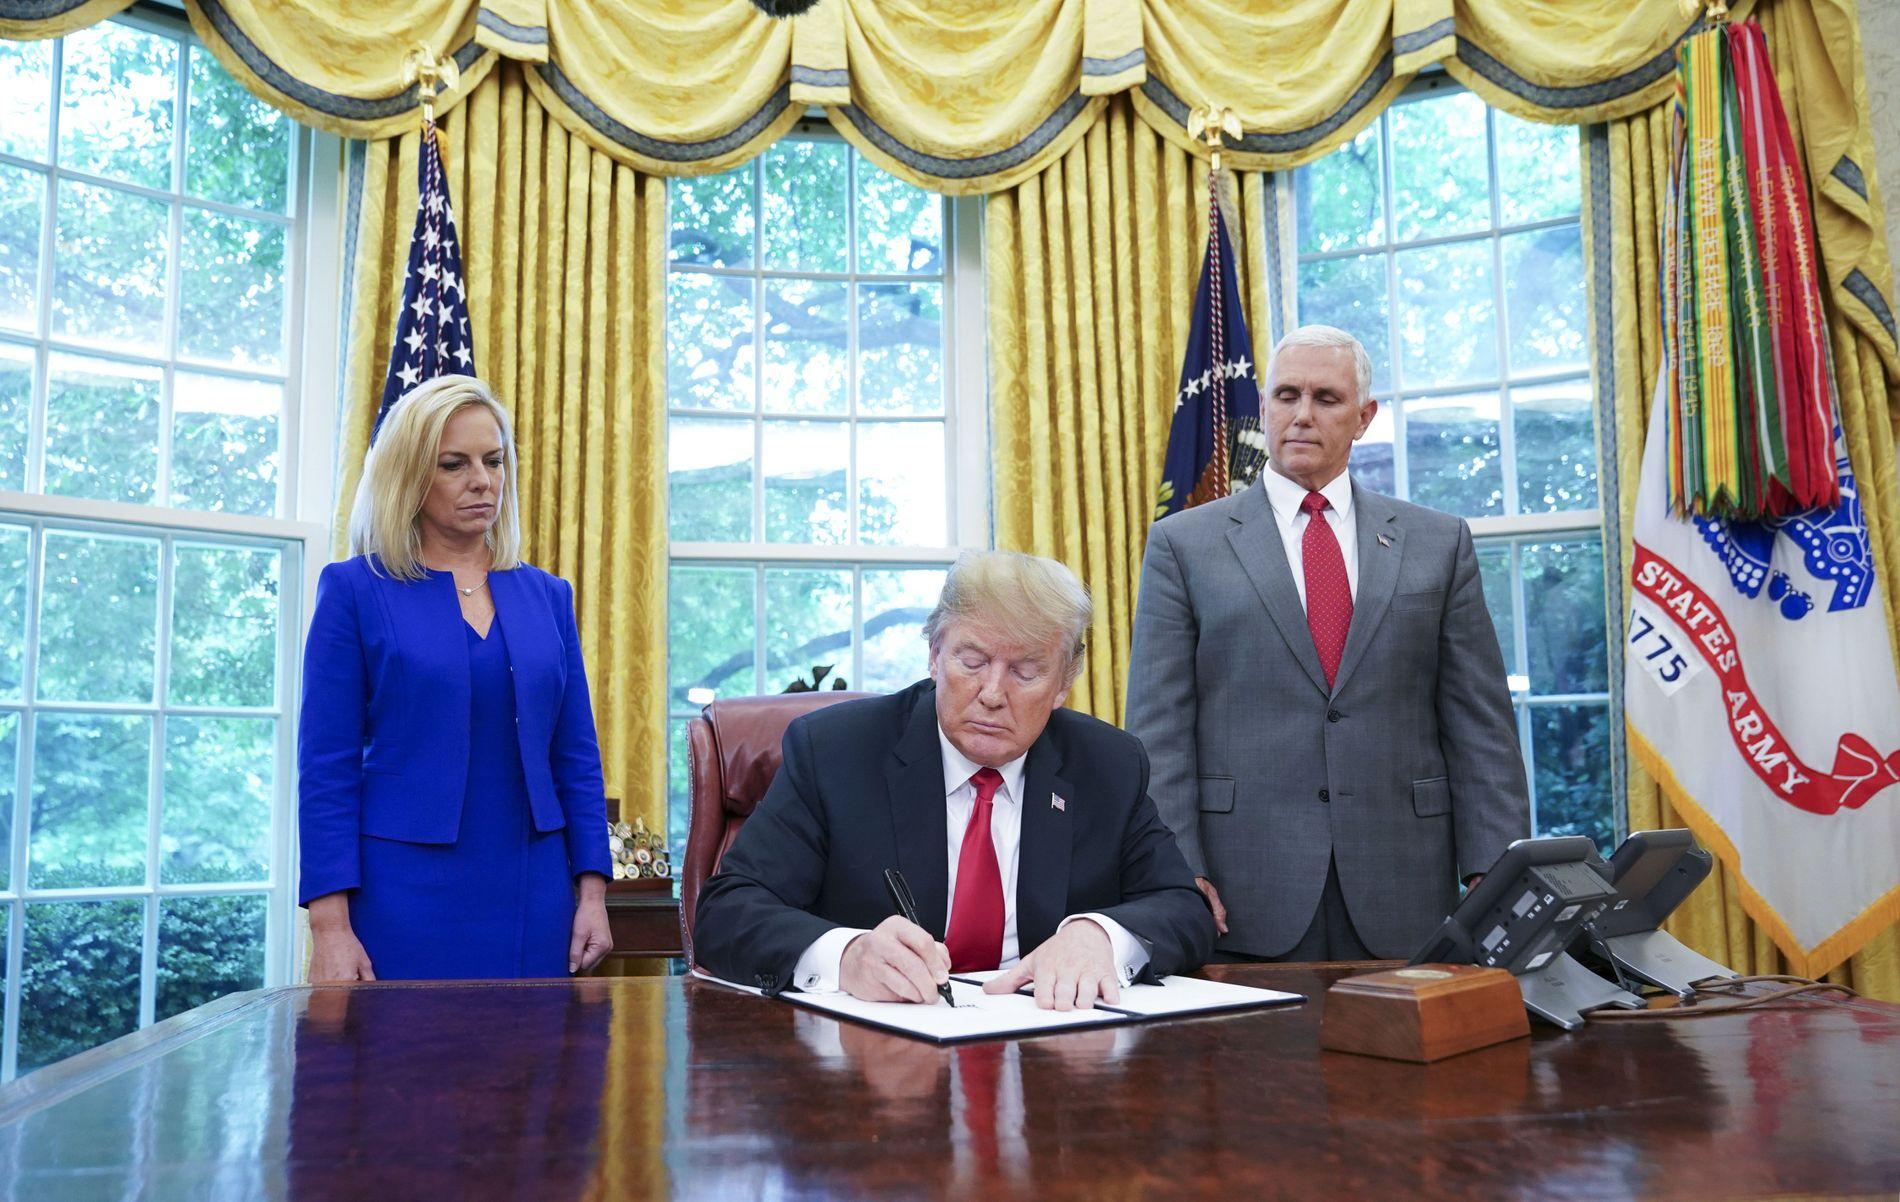 UNDERTEGNER: USAs president Donald Trump signerer et direktiv som stanser oppsplittingen av familier som har krysset grensen ulovlig. Til hans venstre står Kirstjen Nielsen, sjef for innenlands sikkerhet, til hans høyre står visepresident Mike Pence.